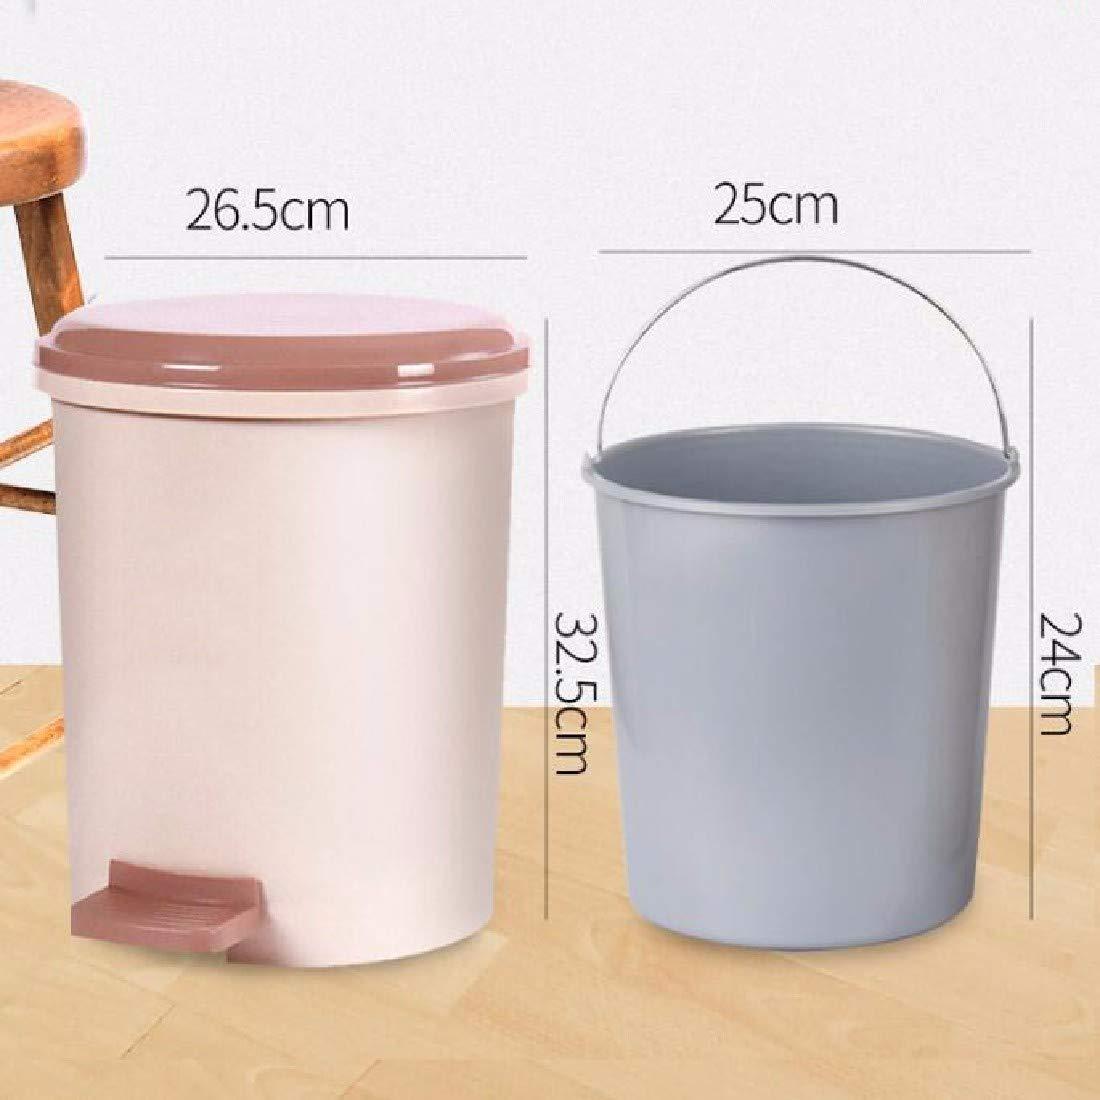 ZPSPZ Cubos De Basura La Casa Tiene Un Baño, Cocina, Un Salon, Una Cocina, Baño, Un Contenedor De Basura,D b63020